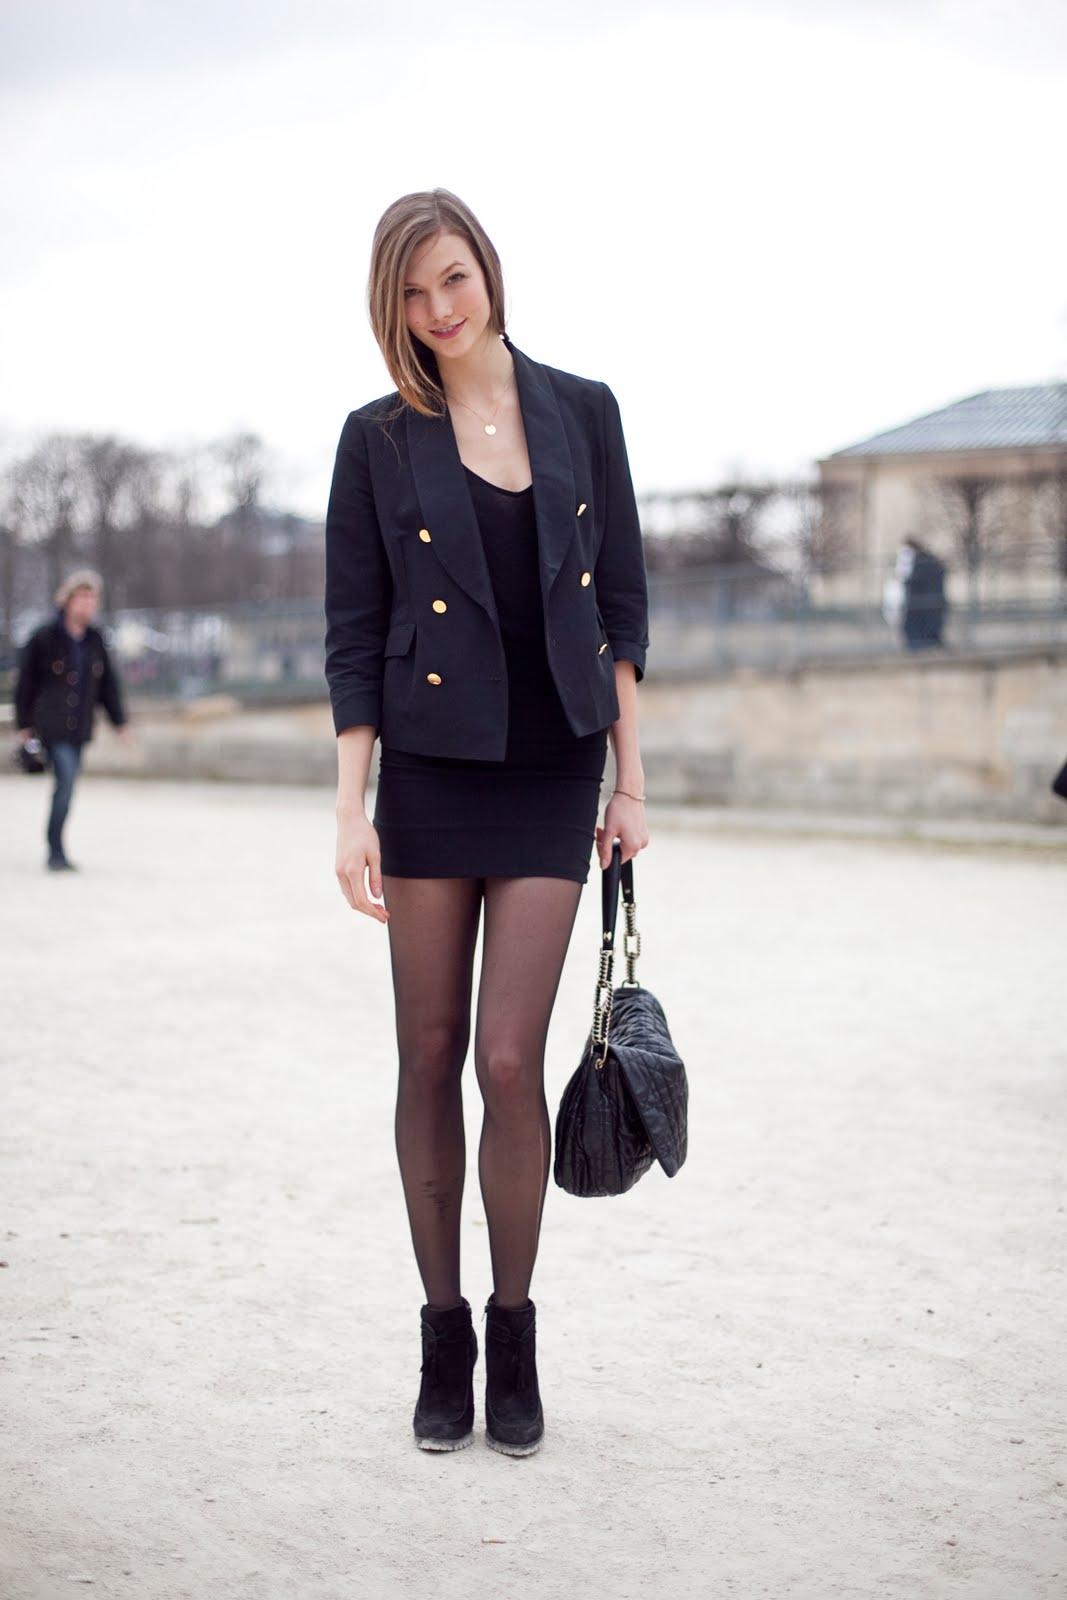 http://3.bp.blogspot.com/-S6HQERegMRw/Tk6ZGlPAETI/AAAAAAAADXQ/MRT_GwBpPUw/s1600/Karlie%2BKloss.jpg